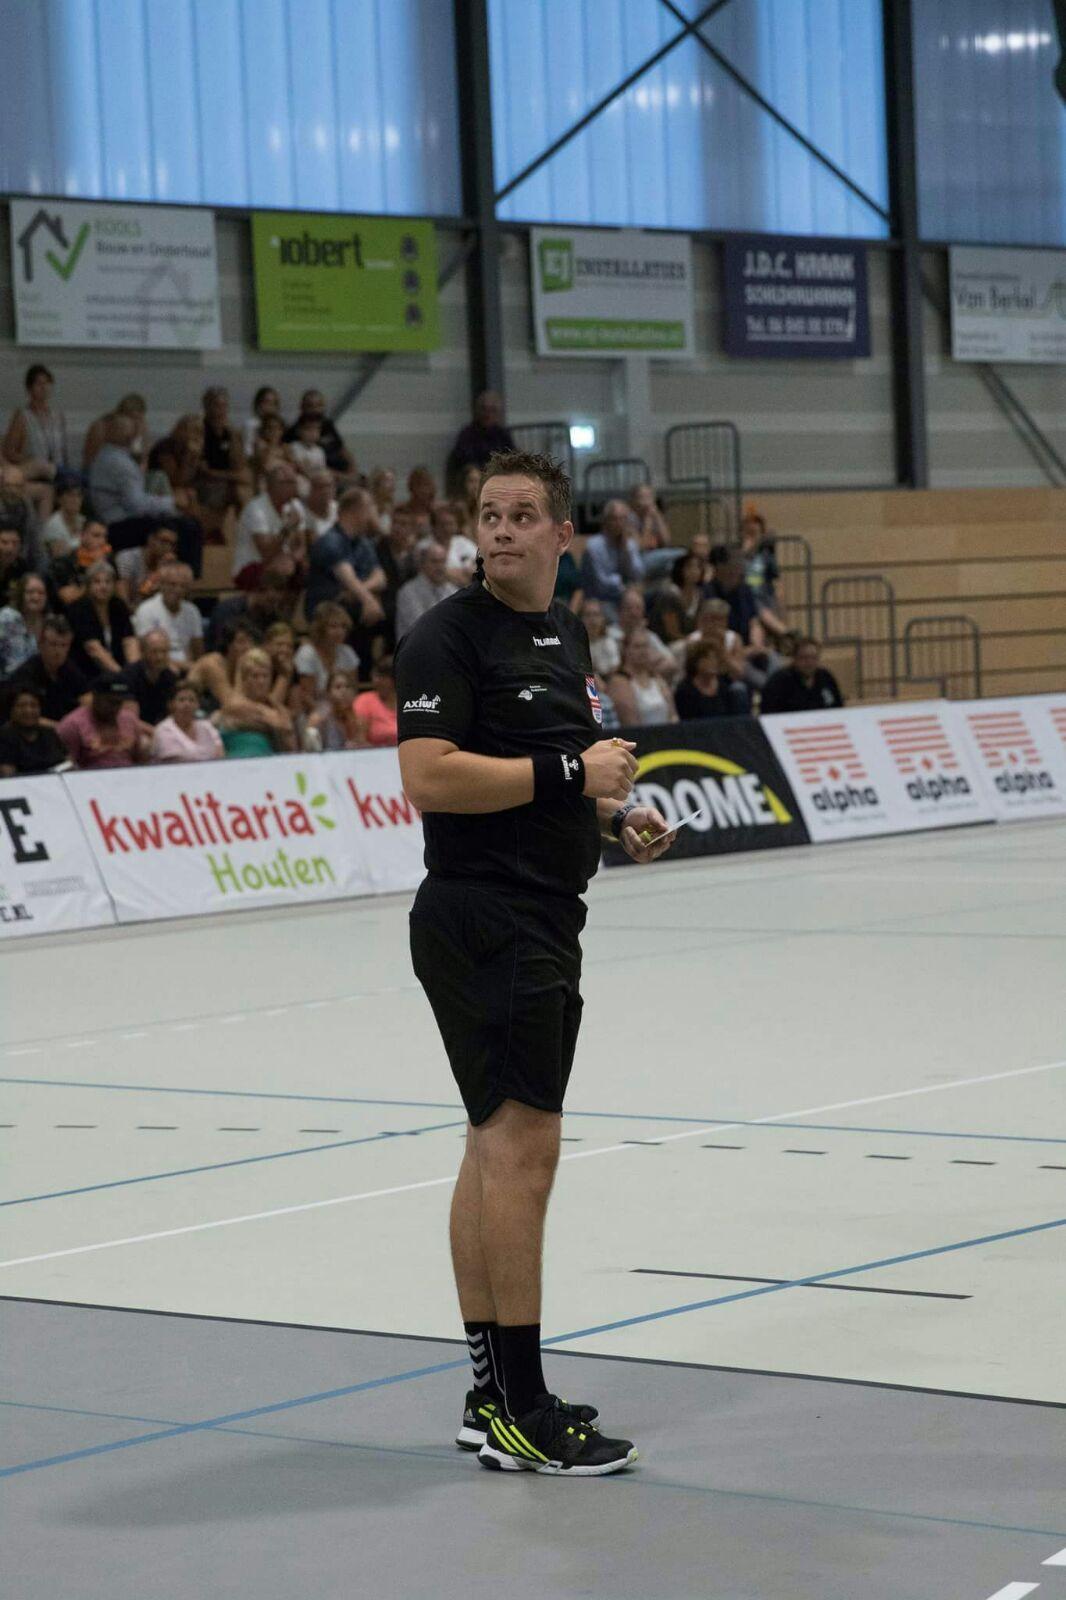 /wireless-communication-system-handball-referee-axiwi